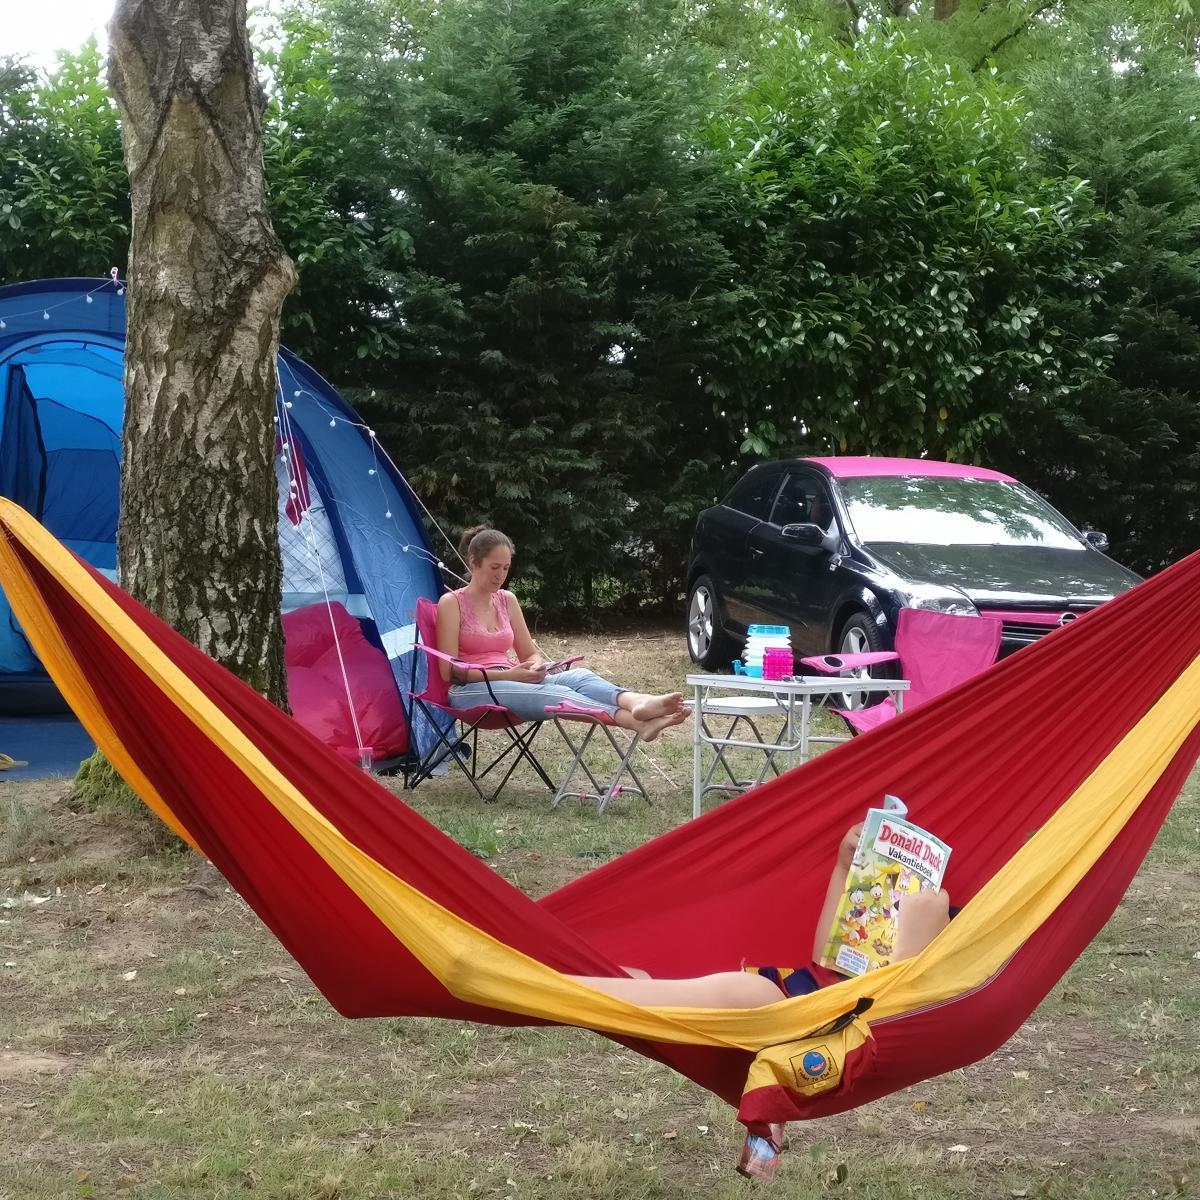 Frankrijk eenoudervakantie campingplek Pouilly sur Saone Bourgogne